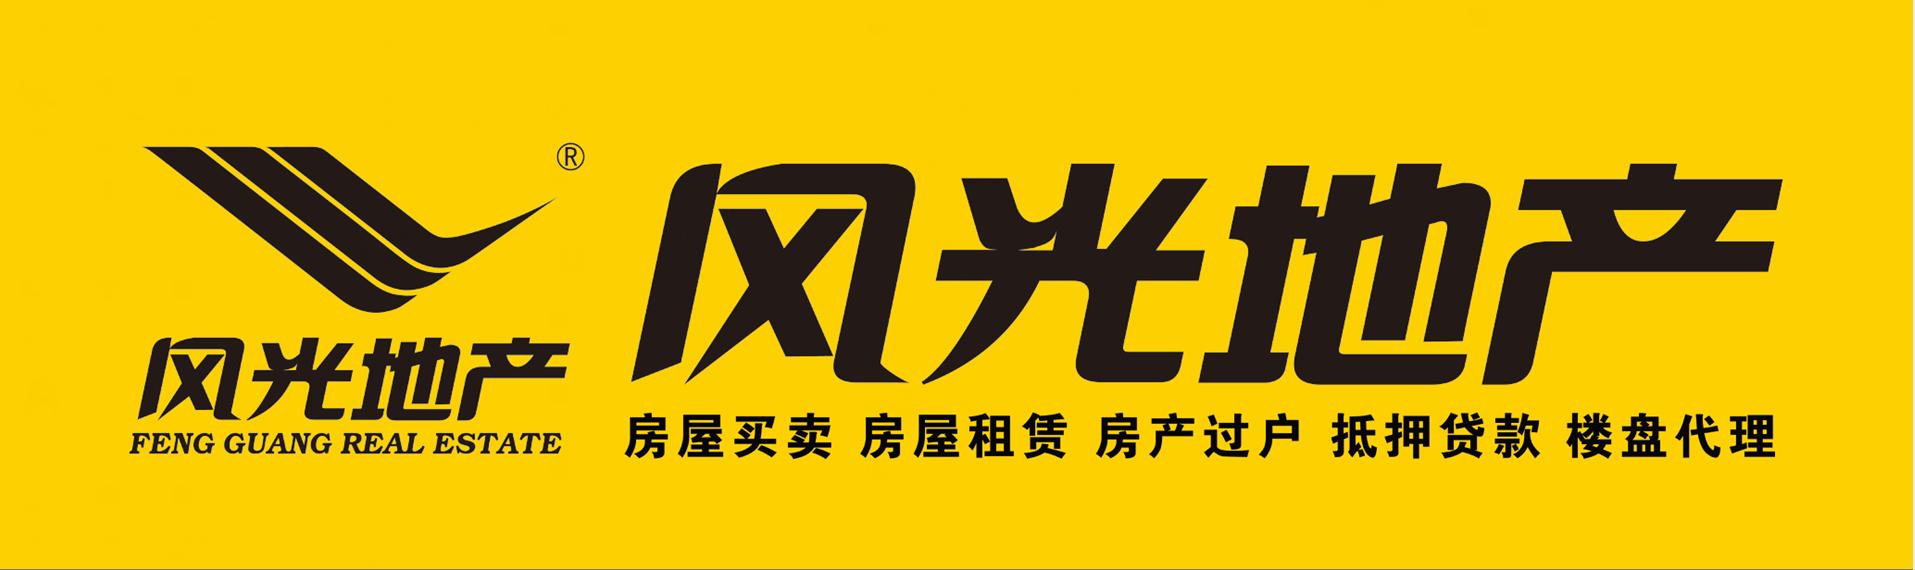 【总部快讯】热烈祝贺风光地产江苏省南通市如东县区域公司正式合作成立